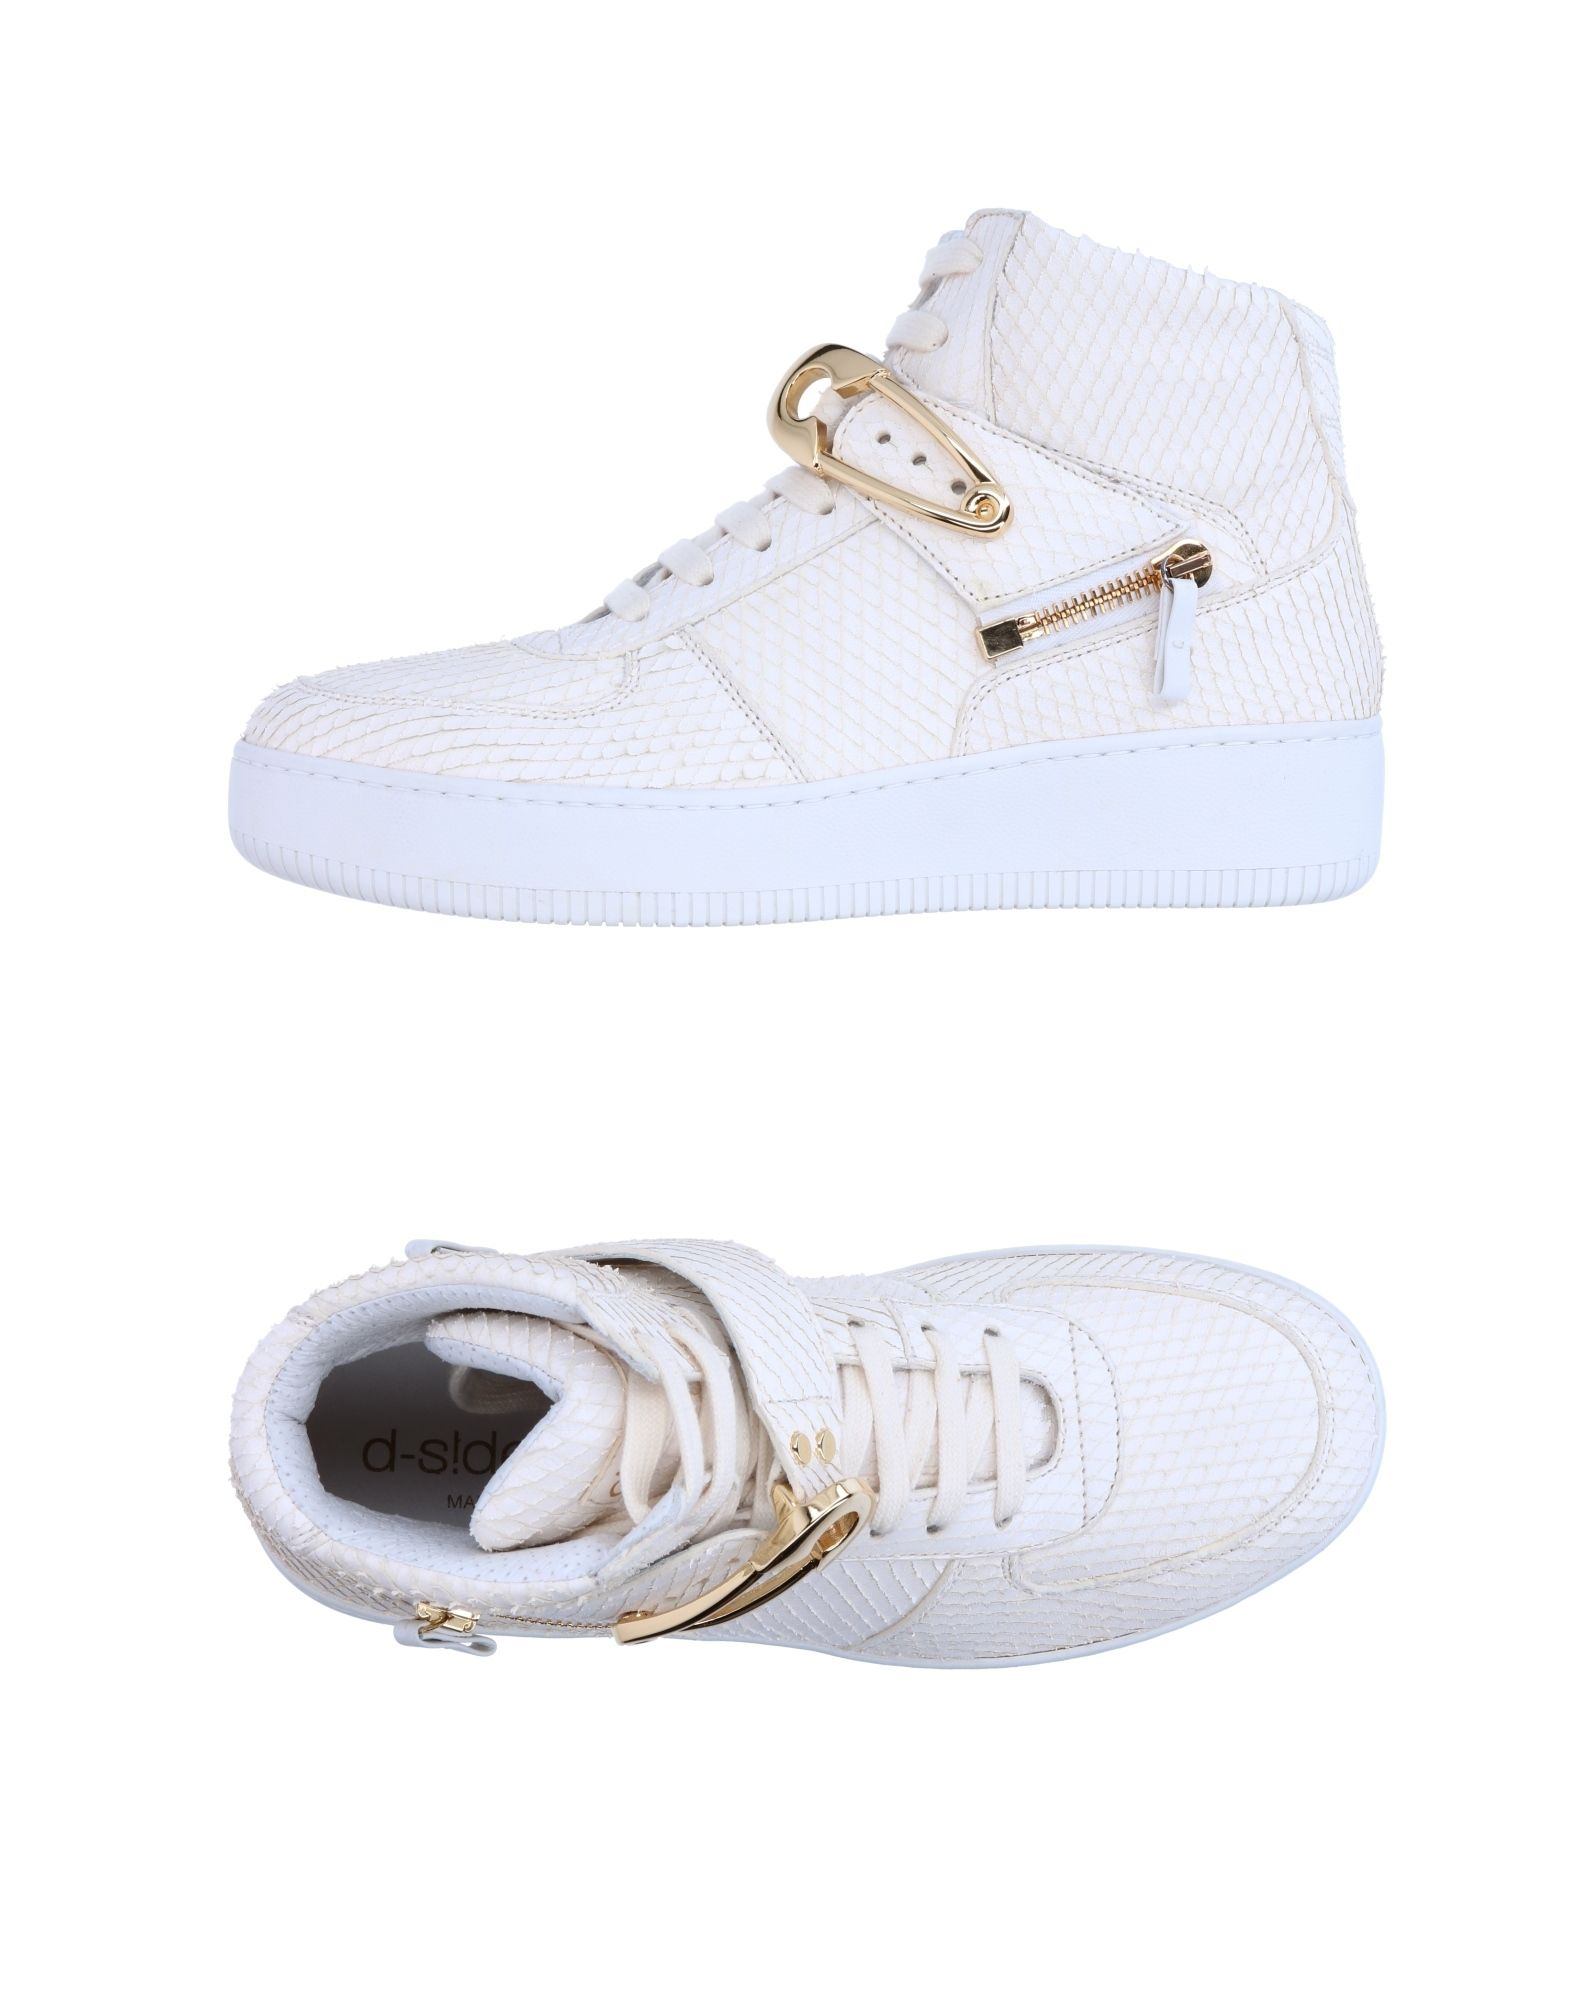 Gut billige um billige Gut Schuhe zu tragenD 11237058GC 1cce30